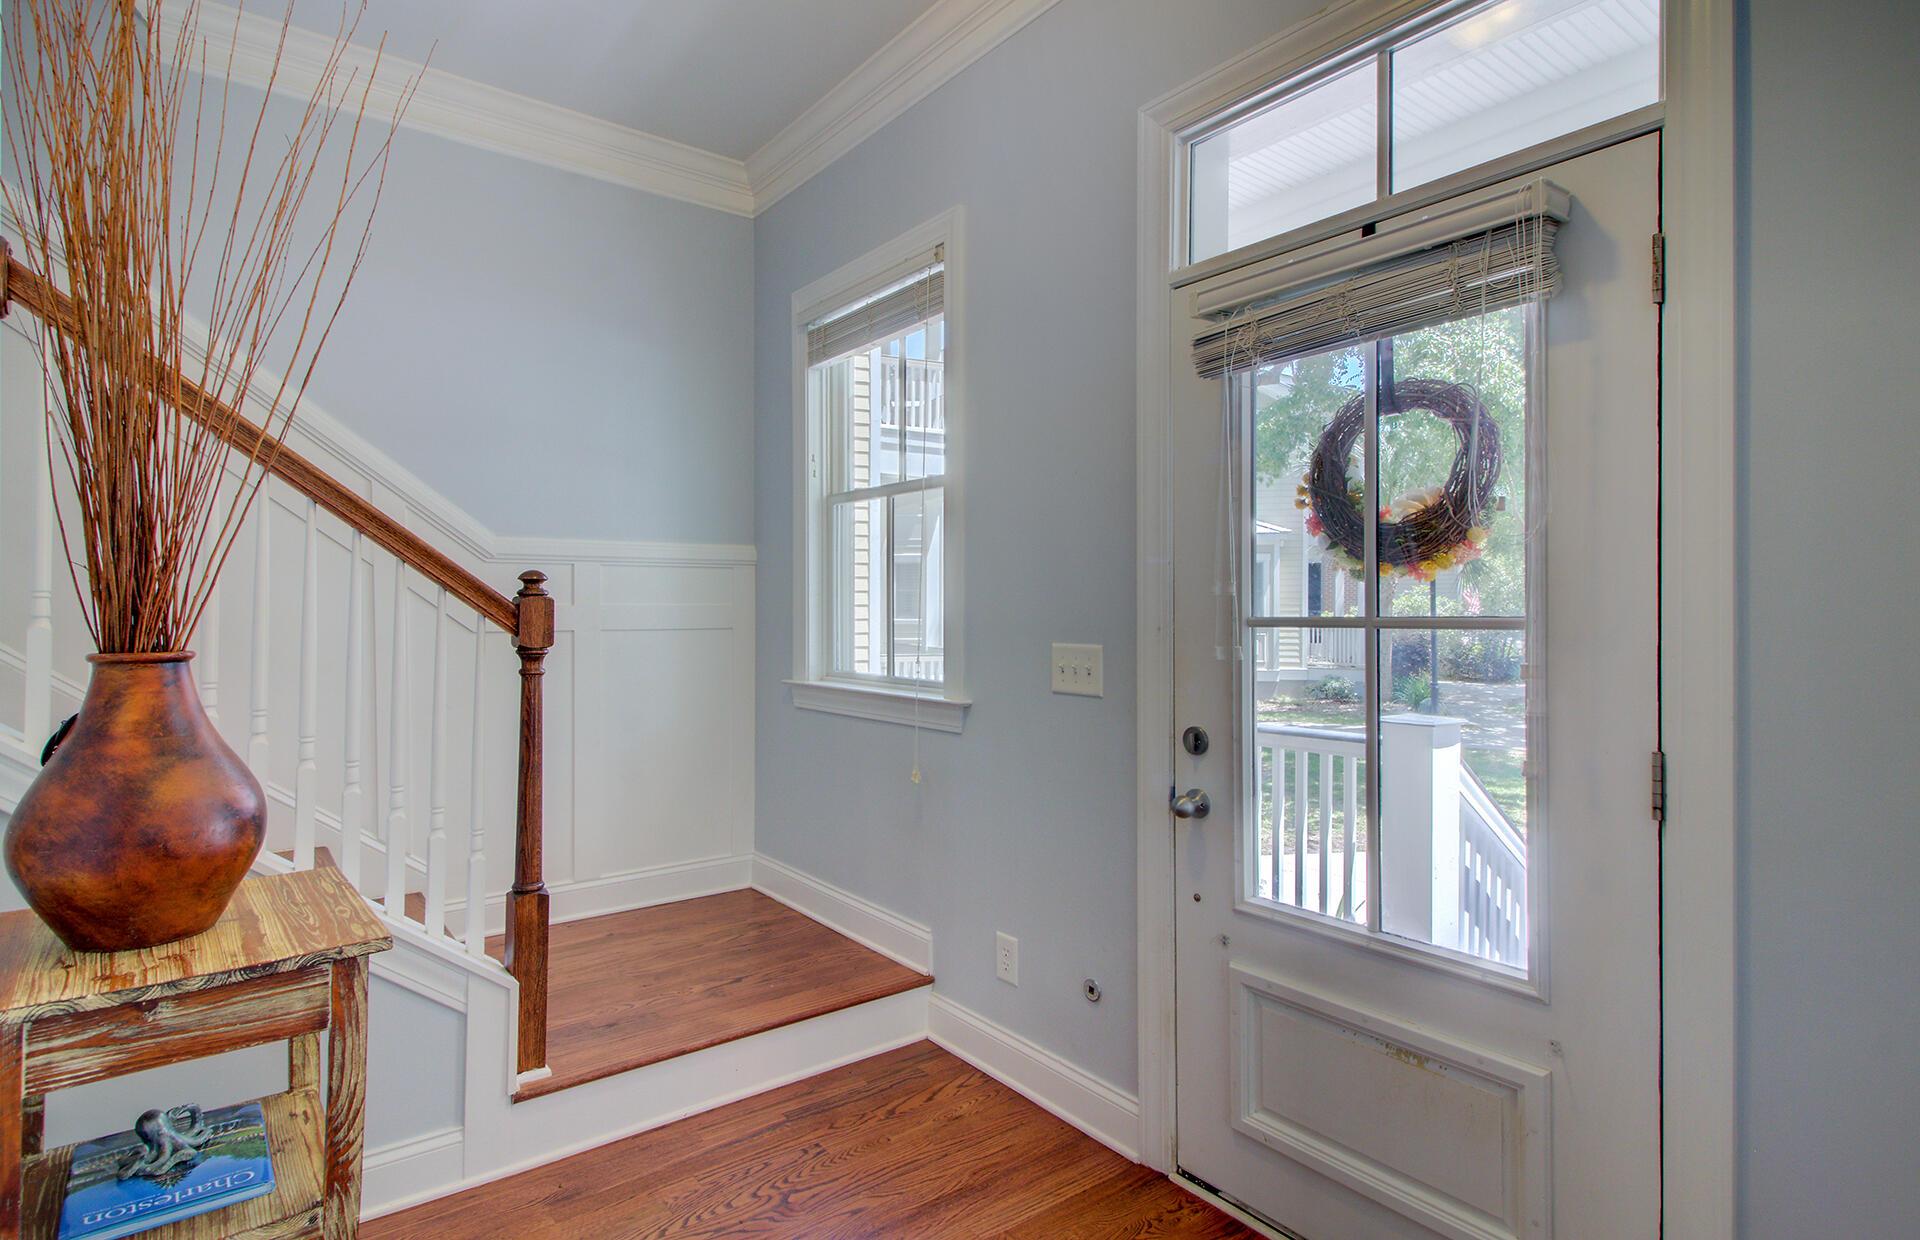 Phillips Park Homes For Sale - 1129 Phillips Park, Mount Pleasant, SC - 19